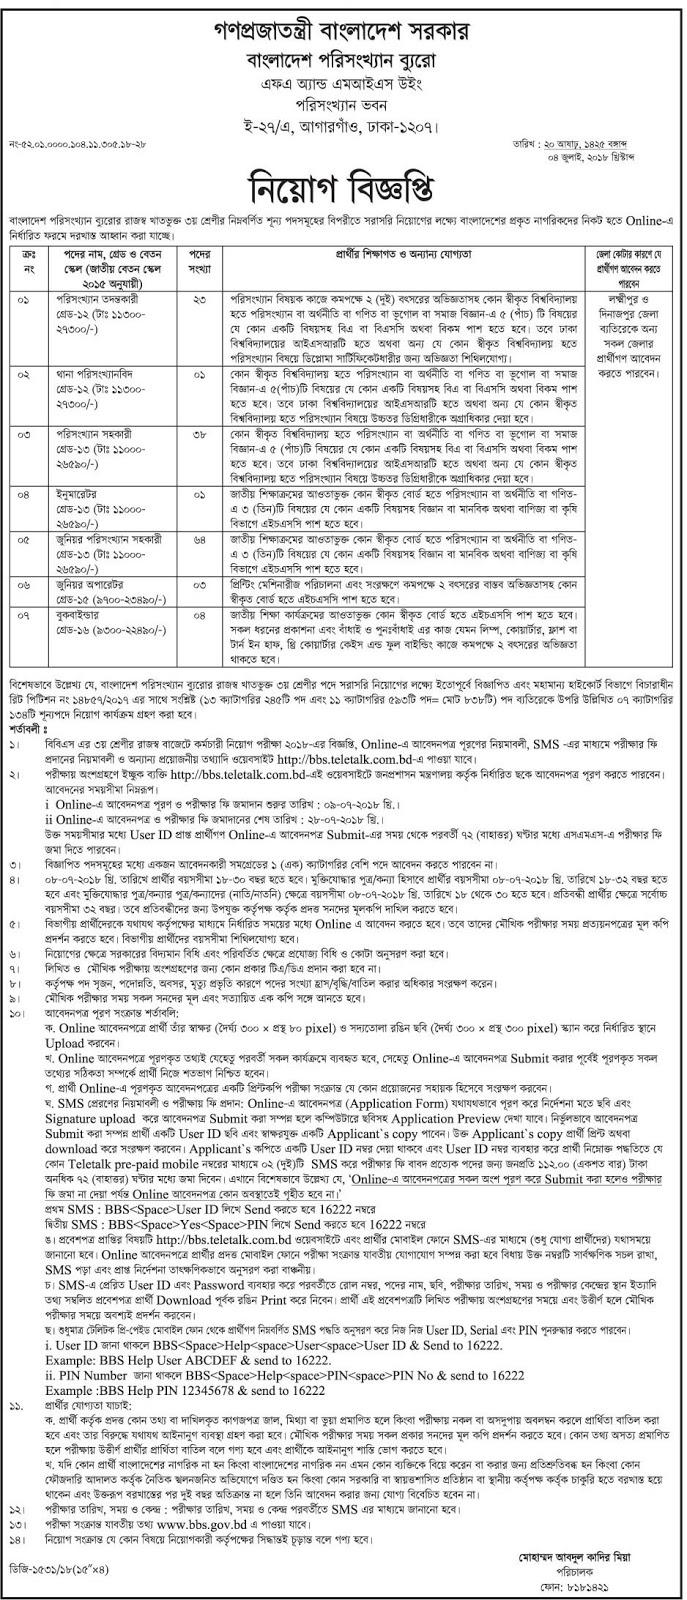 Bangladesh Bureau of Statistics(BBS) Job Circular 2018